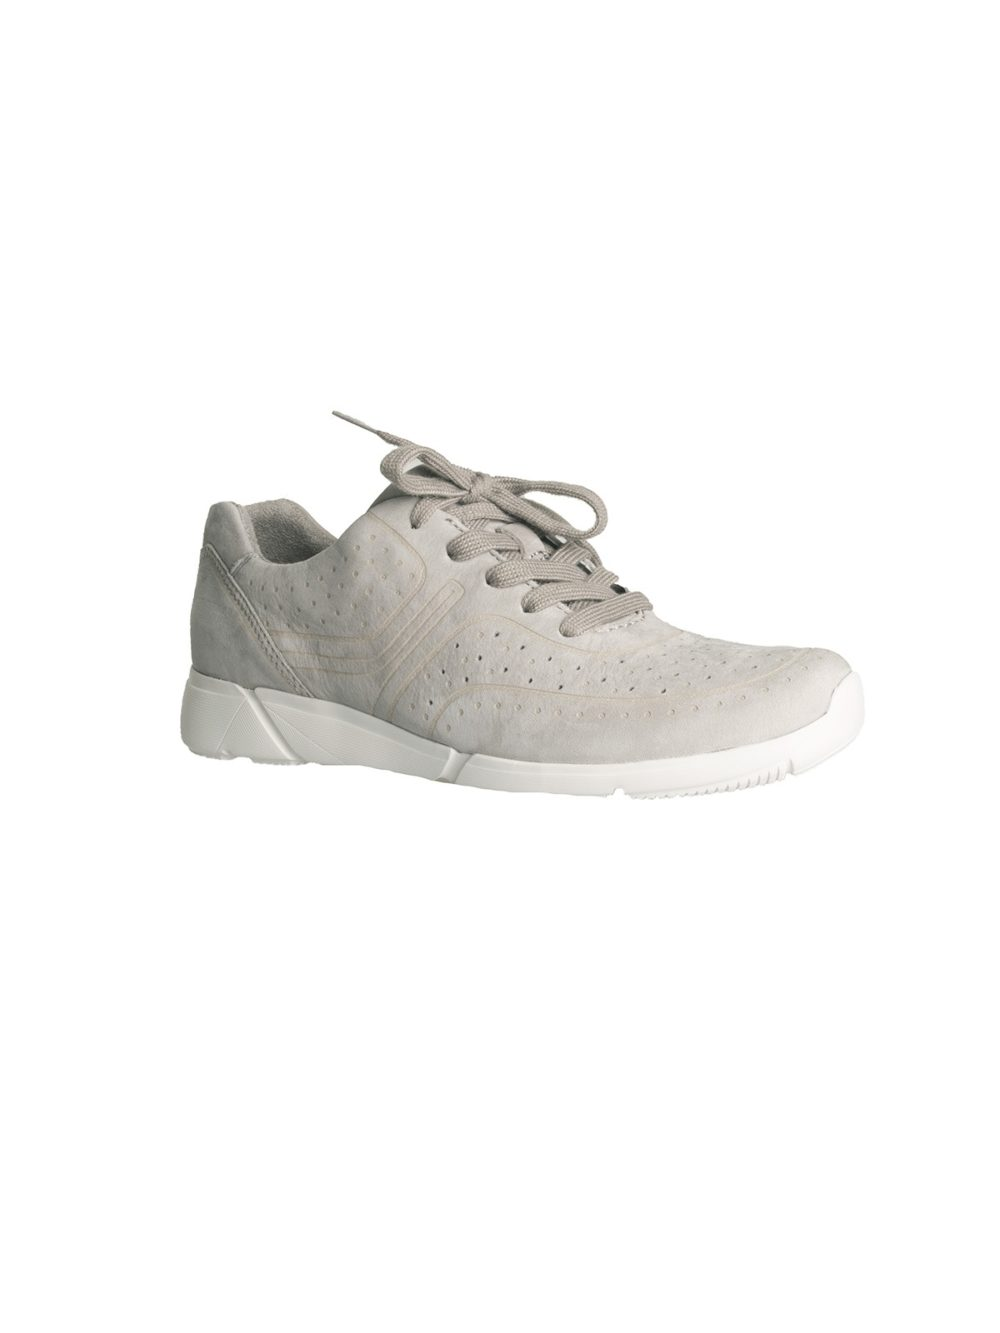 Albina Shoe Gabor Shoes Katie Kerr Women's Clothing